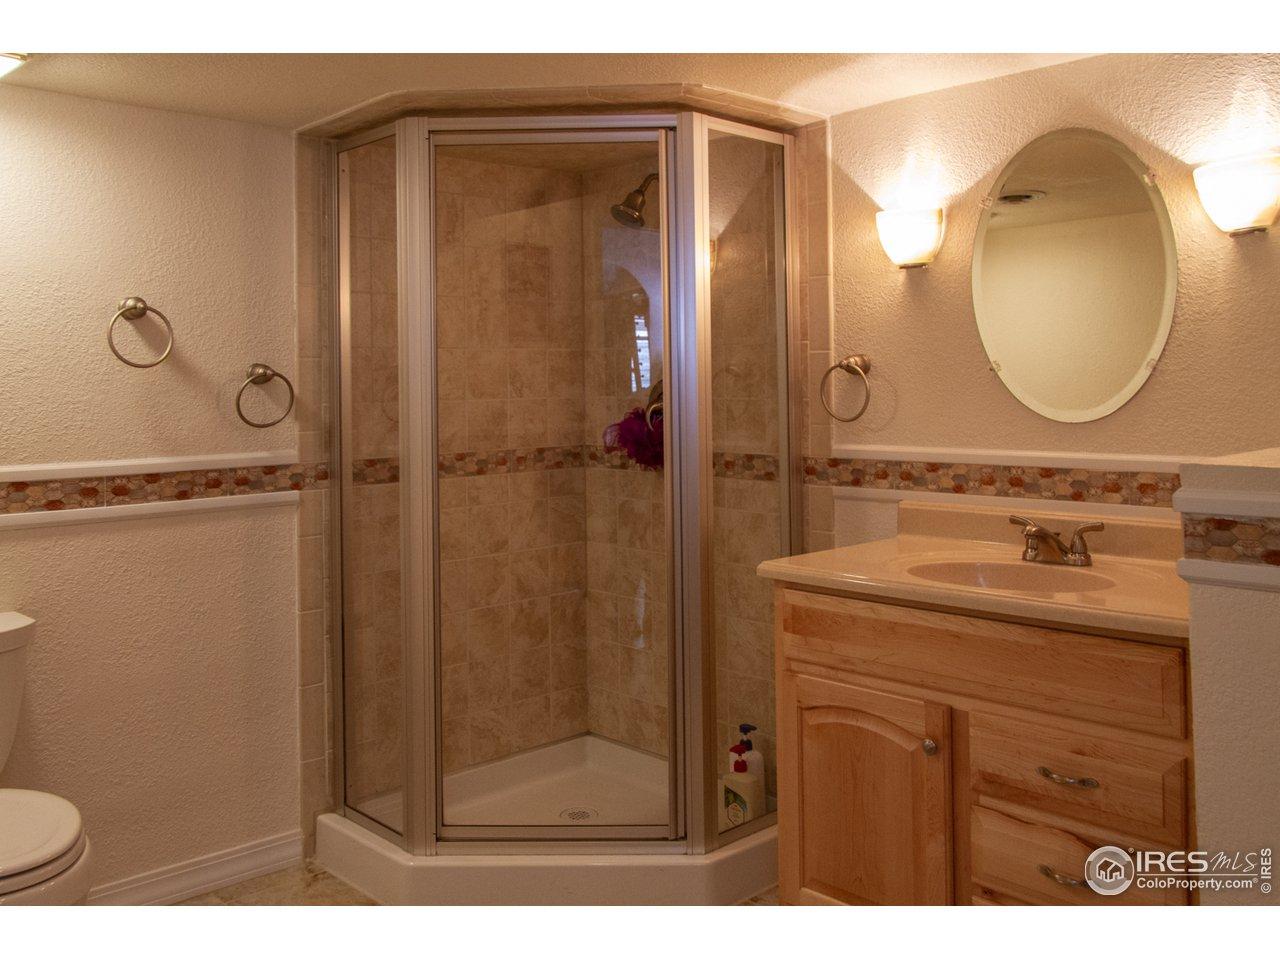 3/4 bath basement